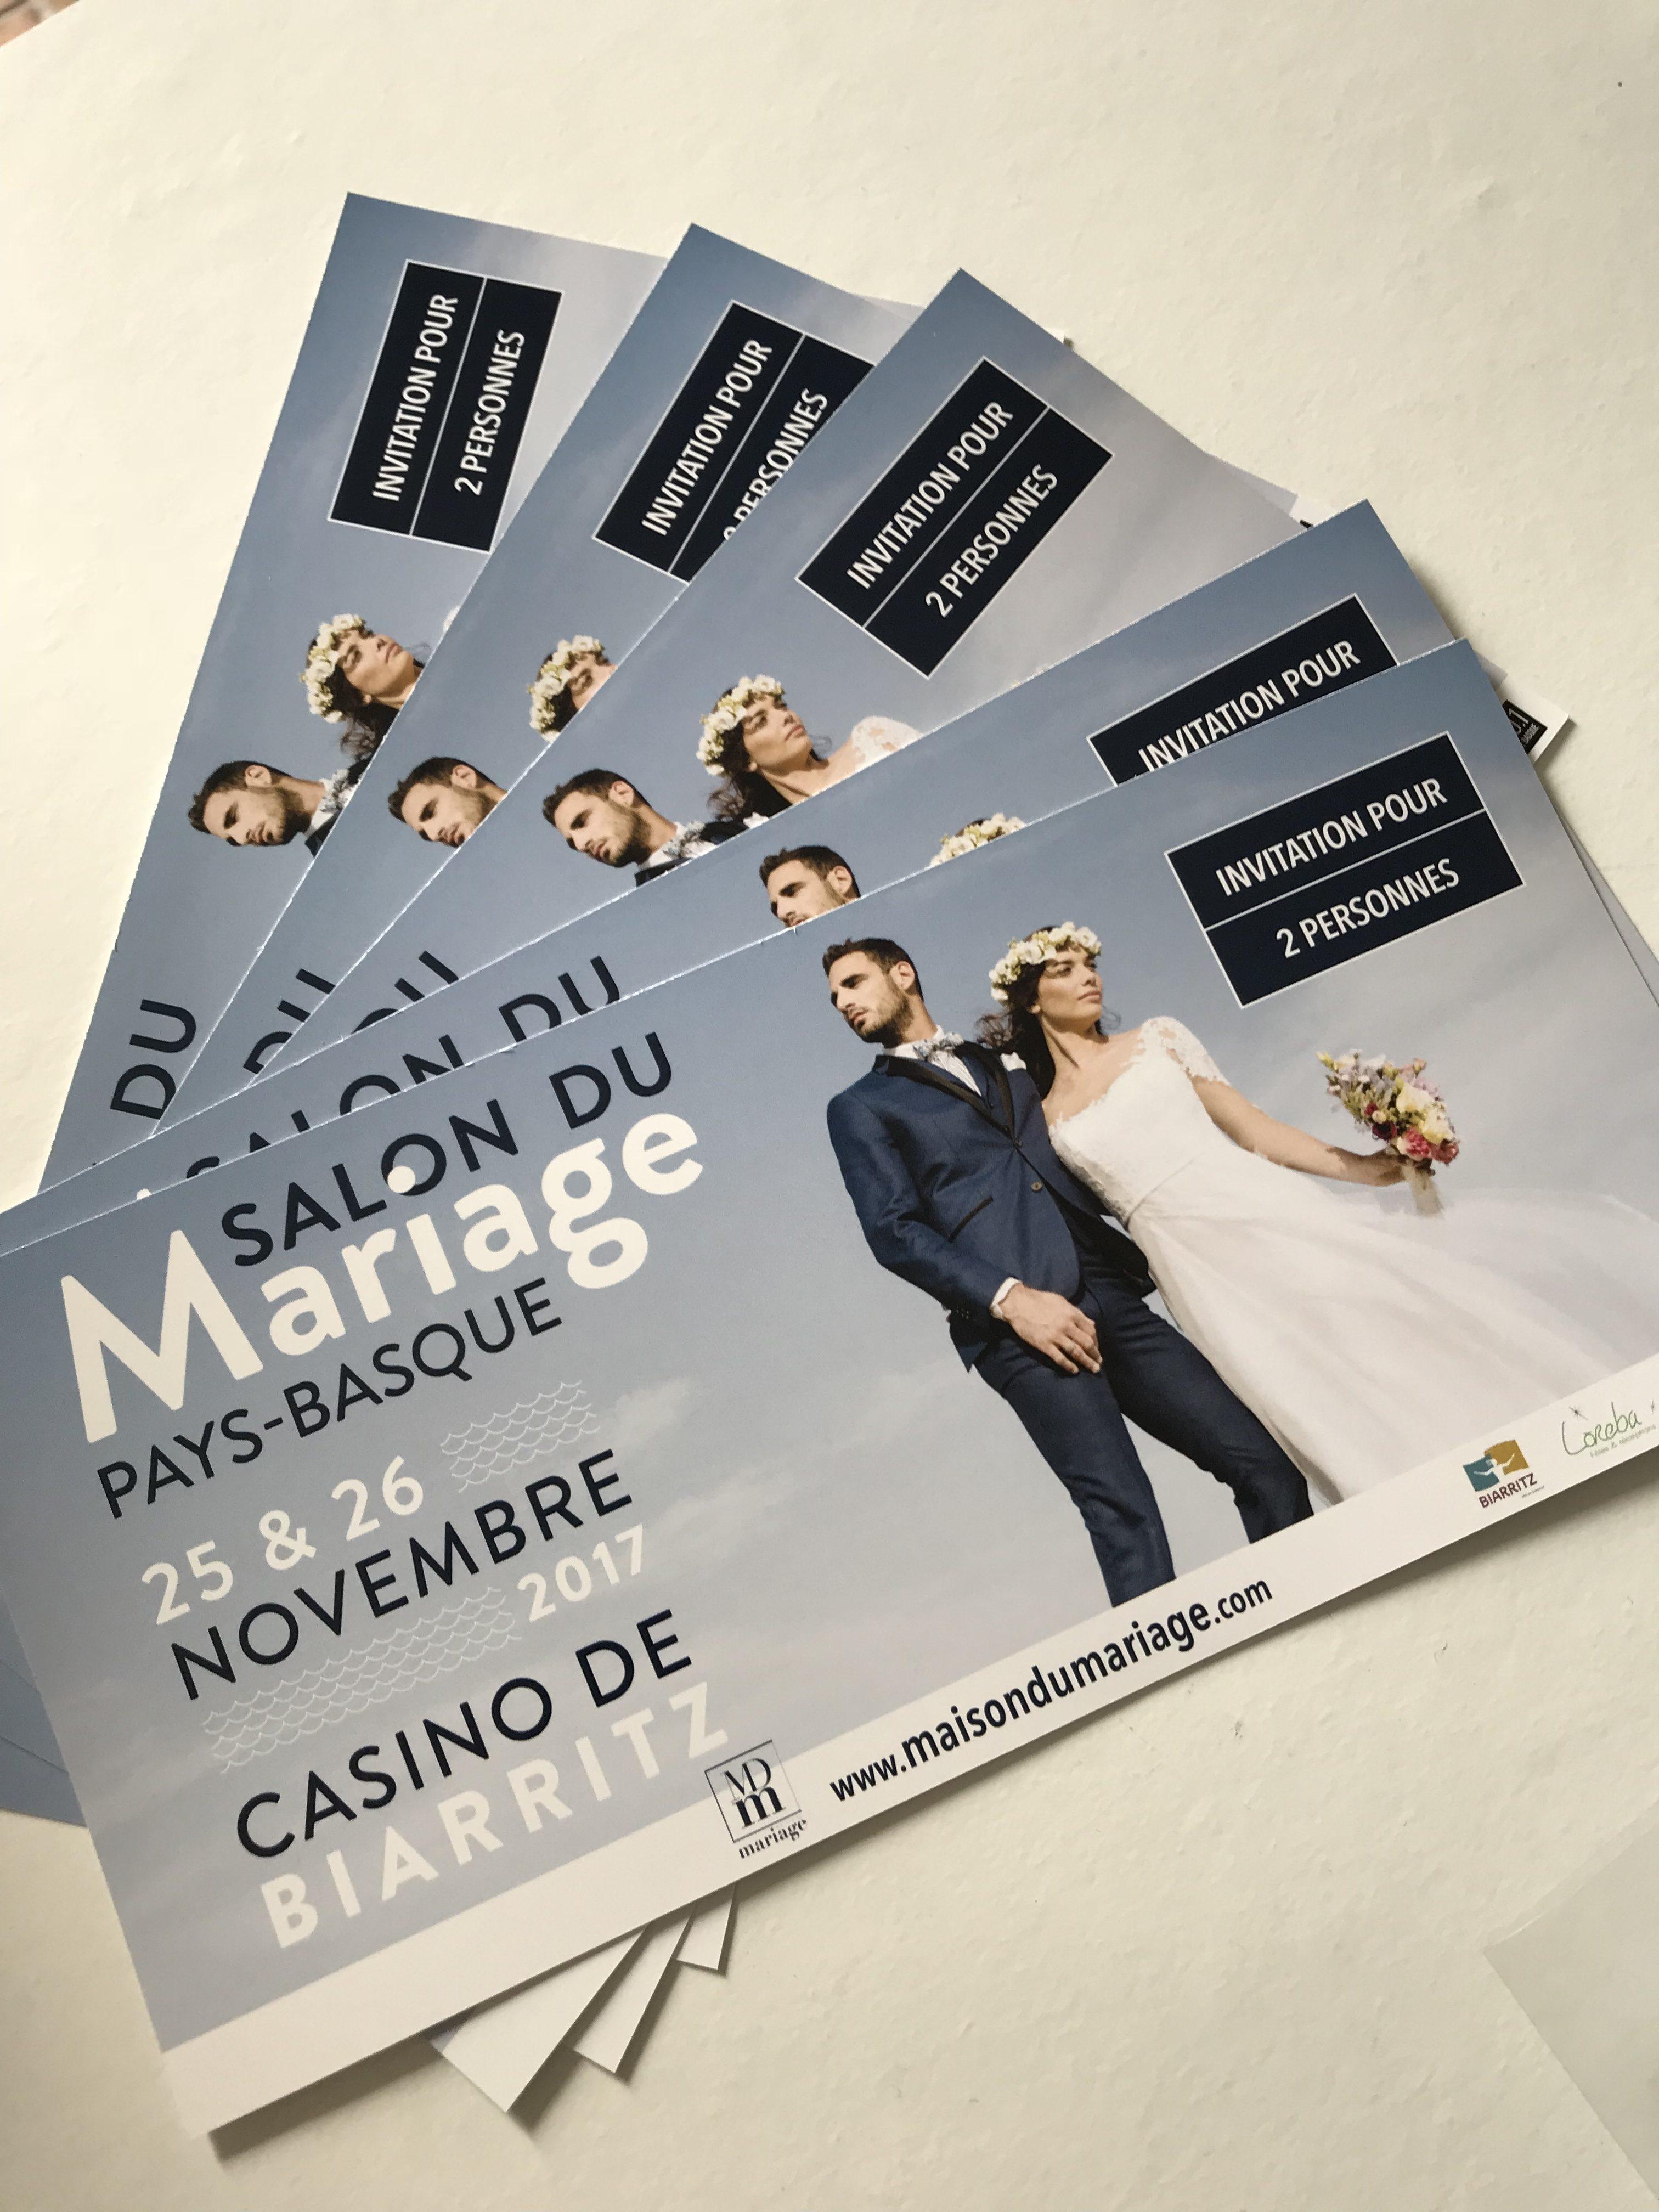 Salon du mariage pays Basque 2017/2018